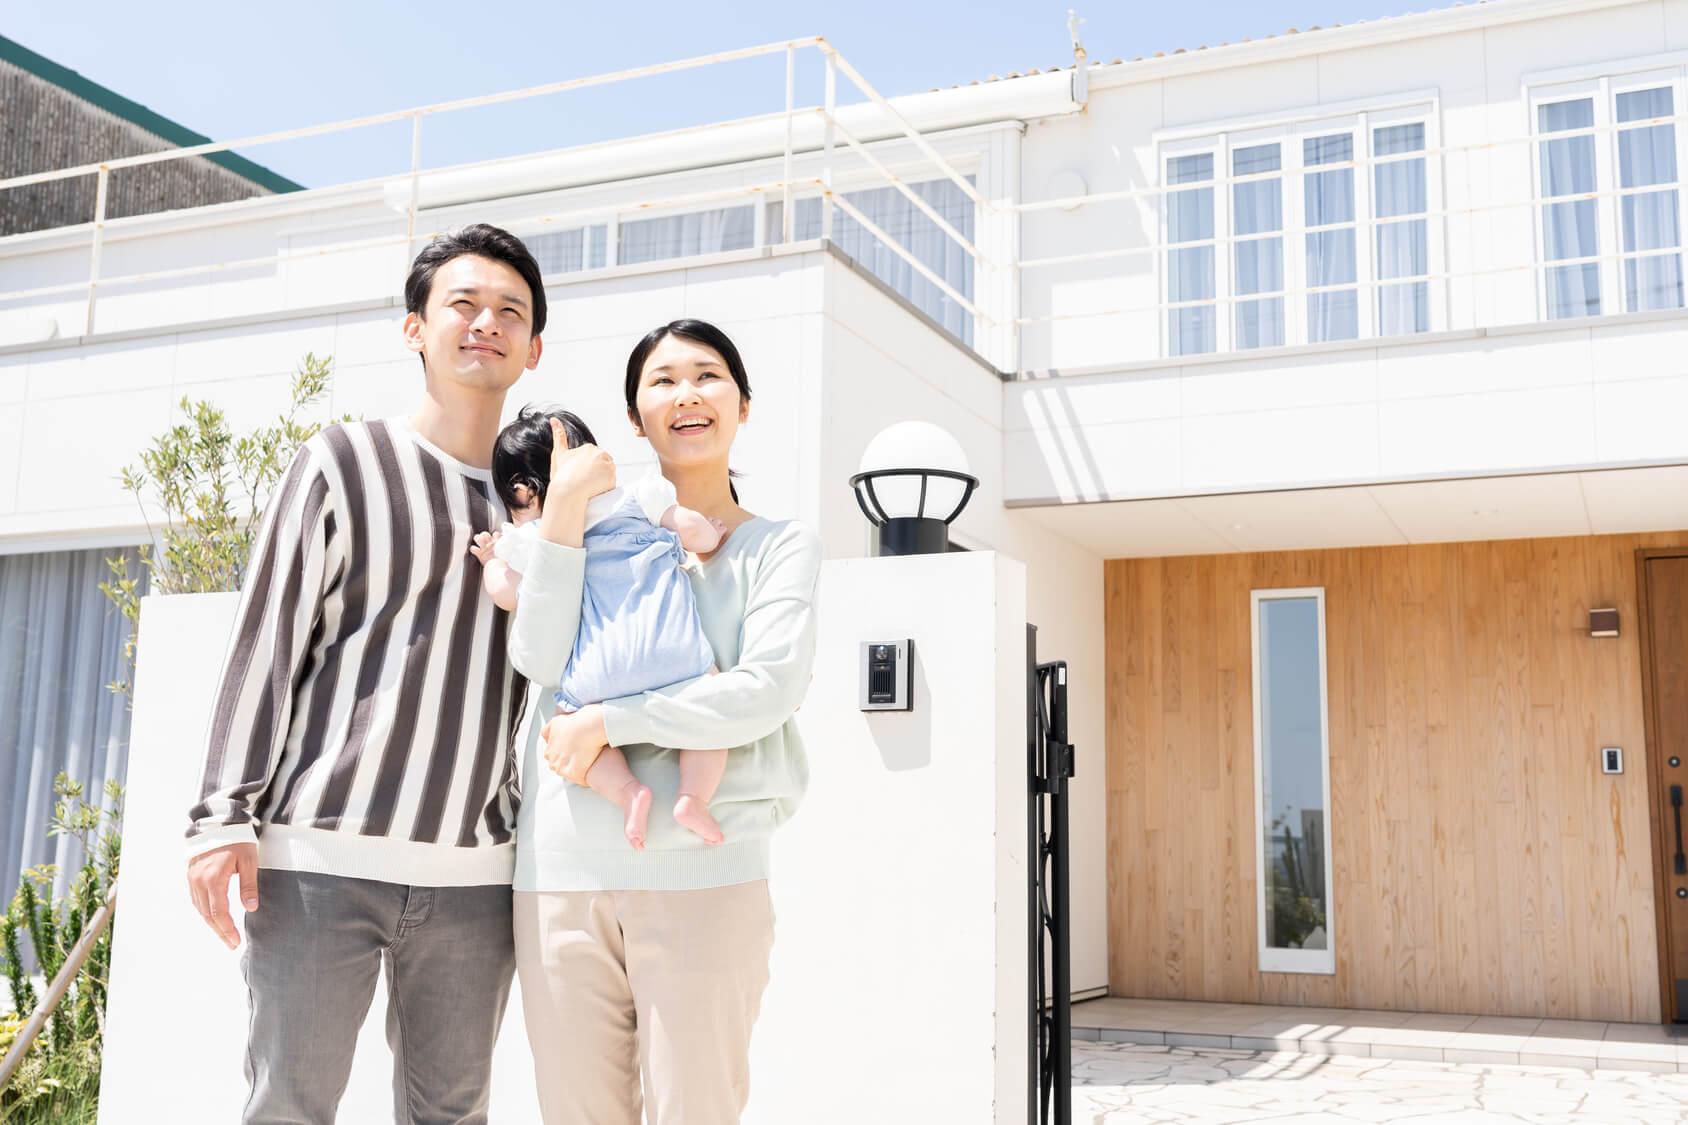 家を建てる人の平均年齢とは?